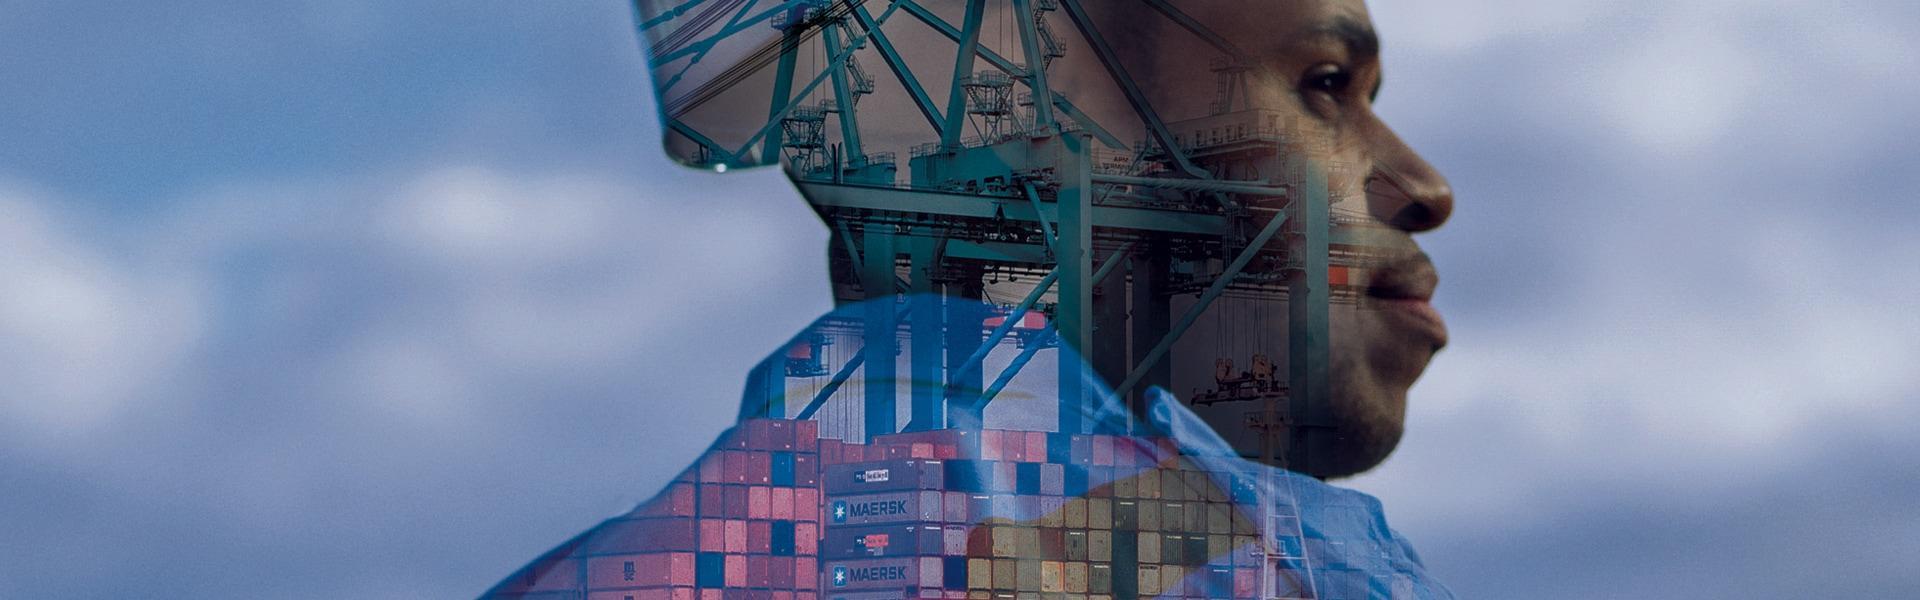 Maersk lanzó un tablero de control para monitorear la huella de carbono punta a punta